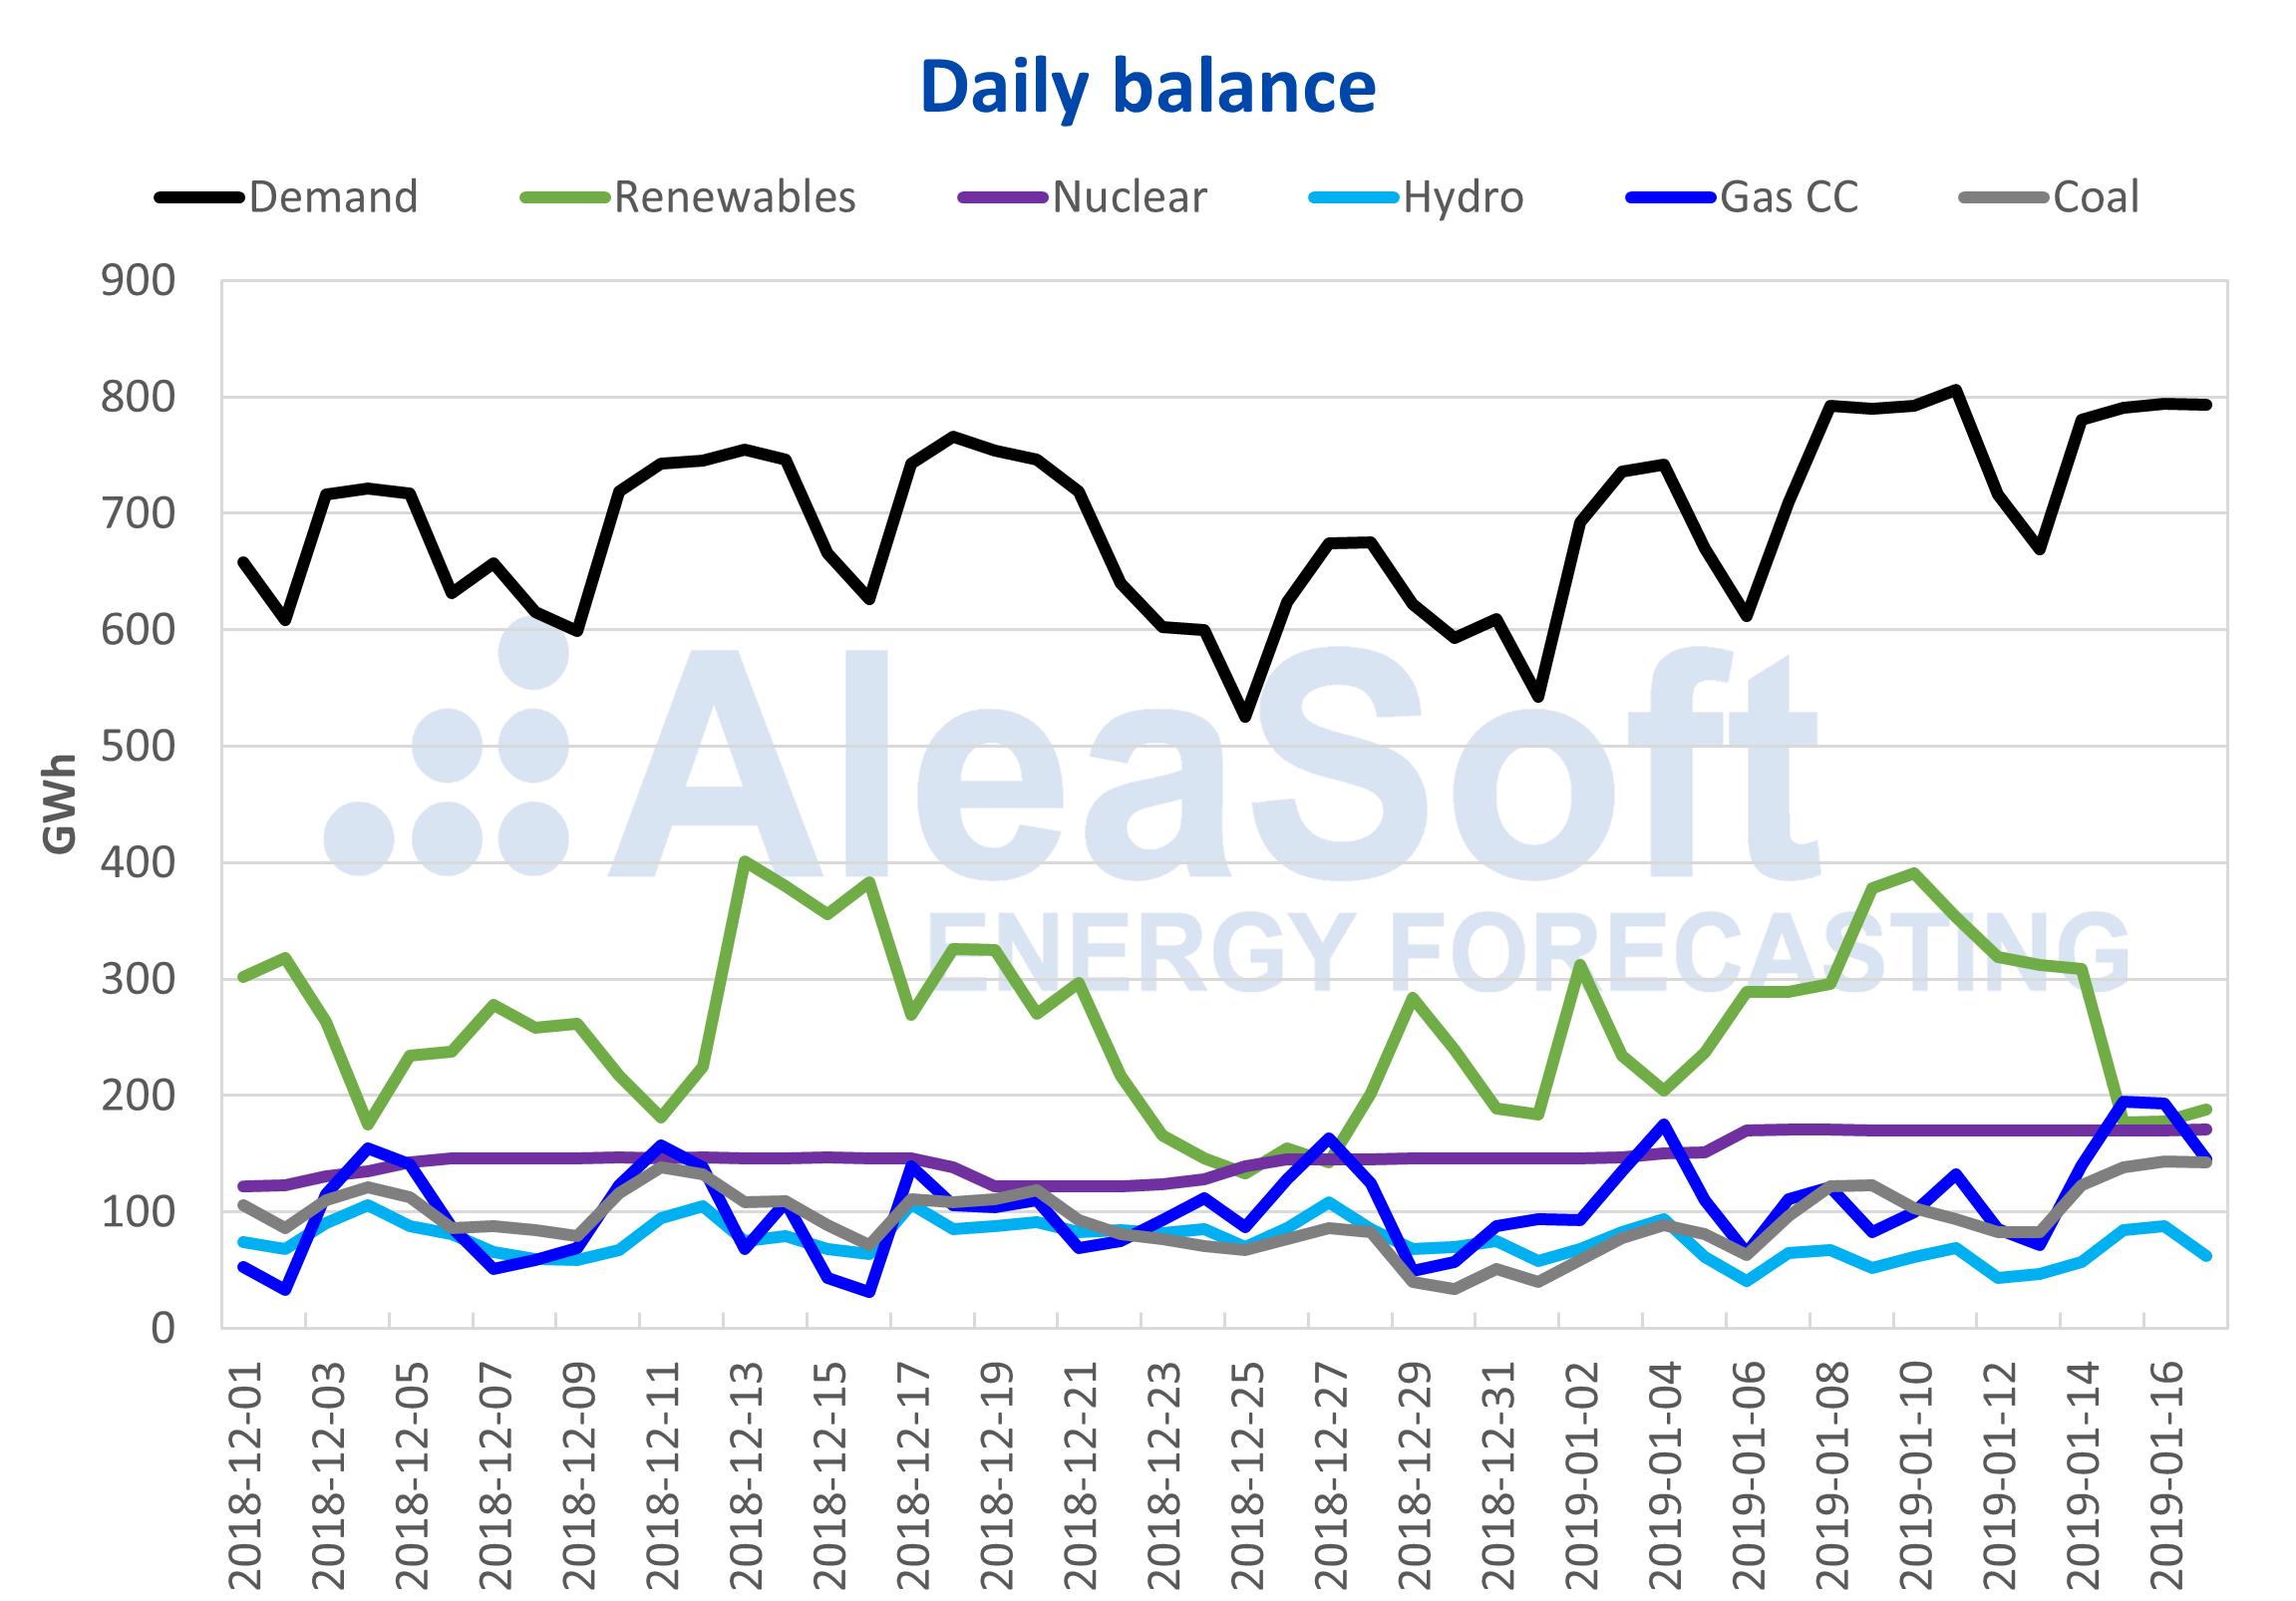 AleaSoft - Daily balance Spain